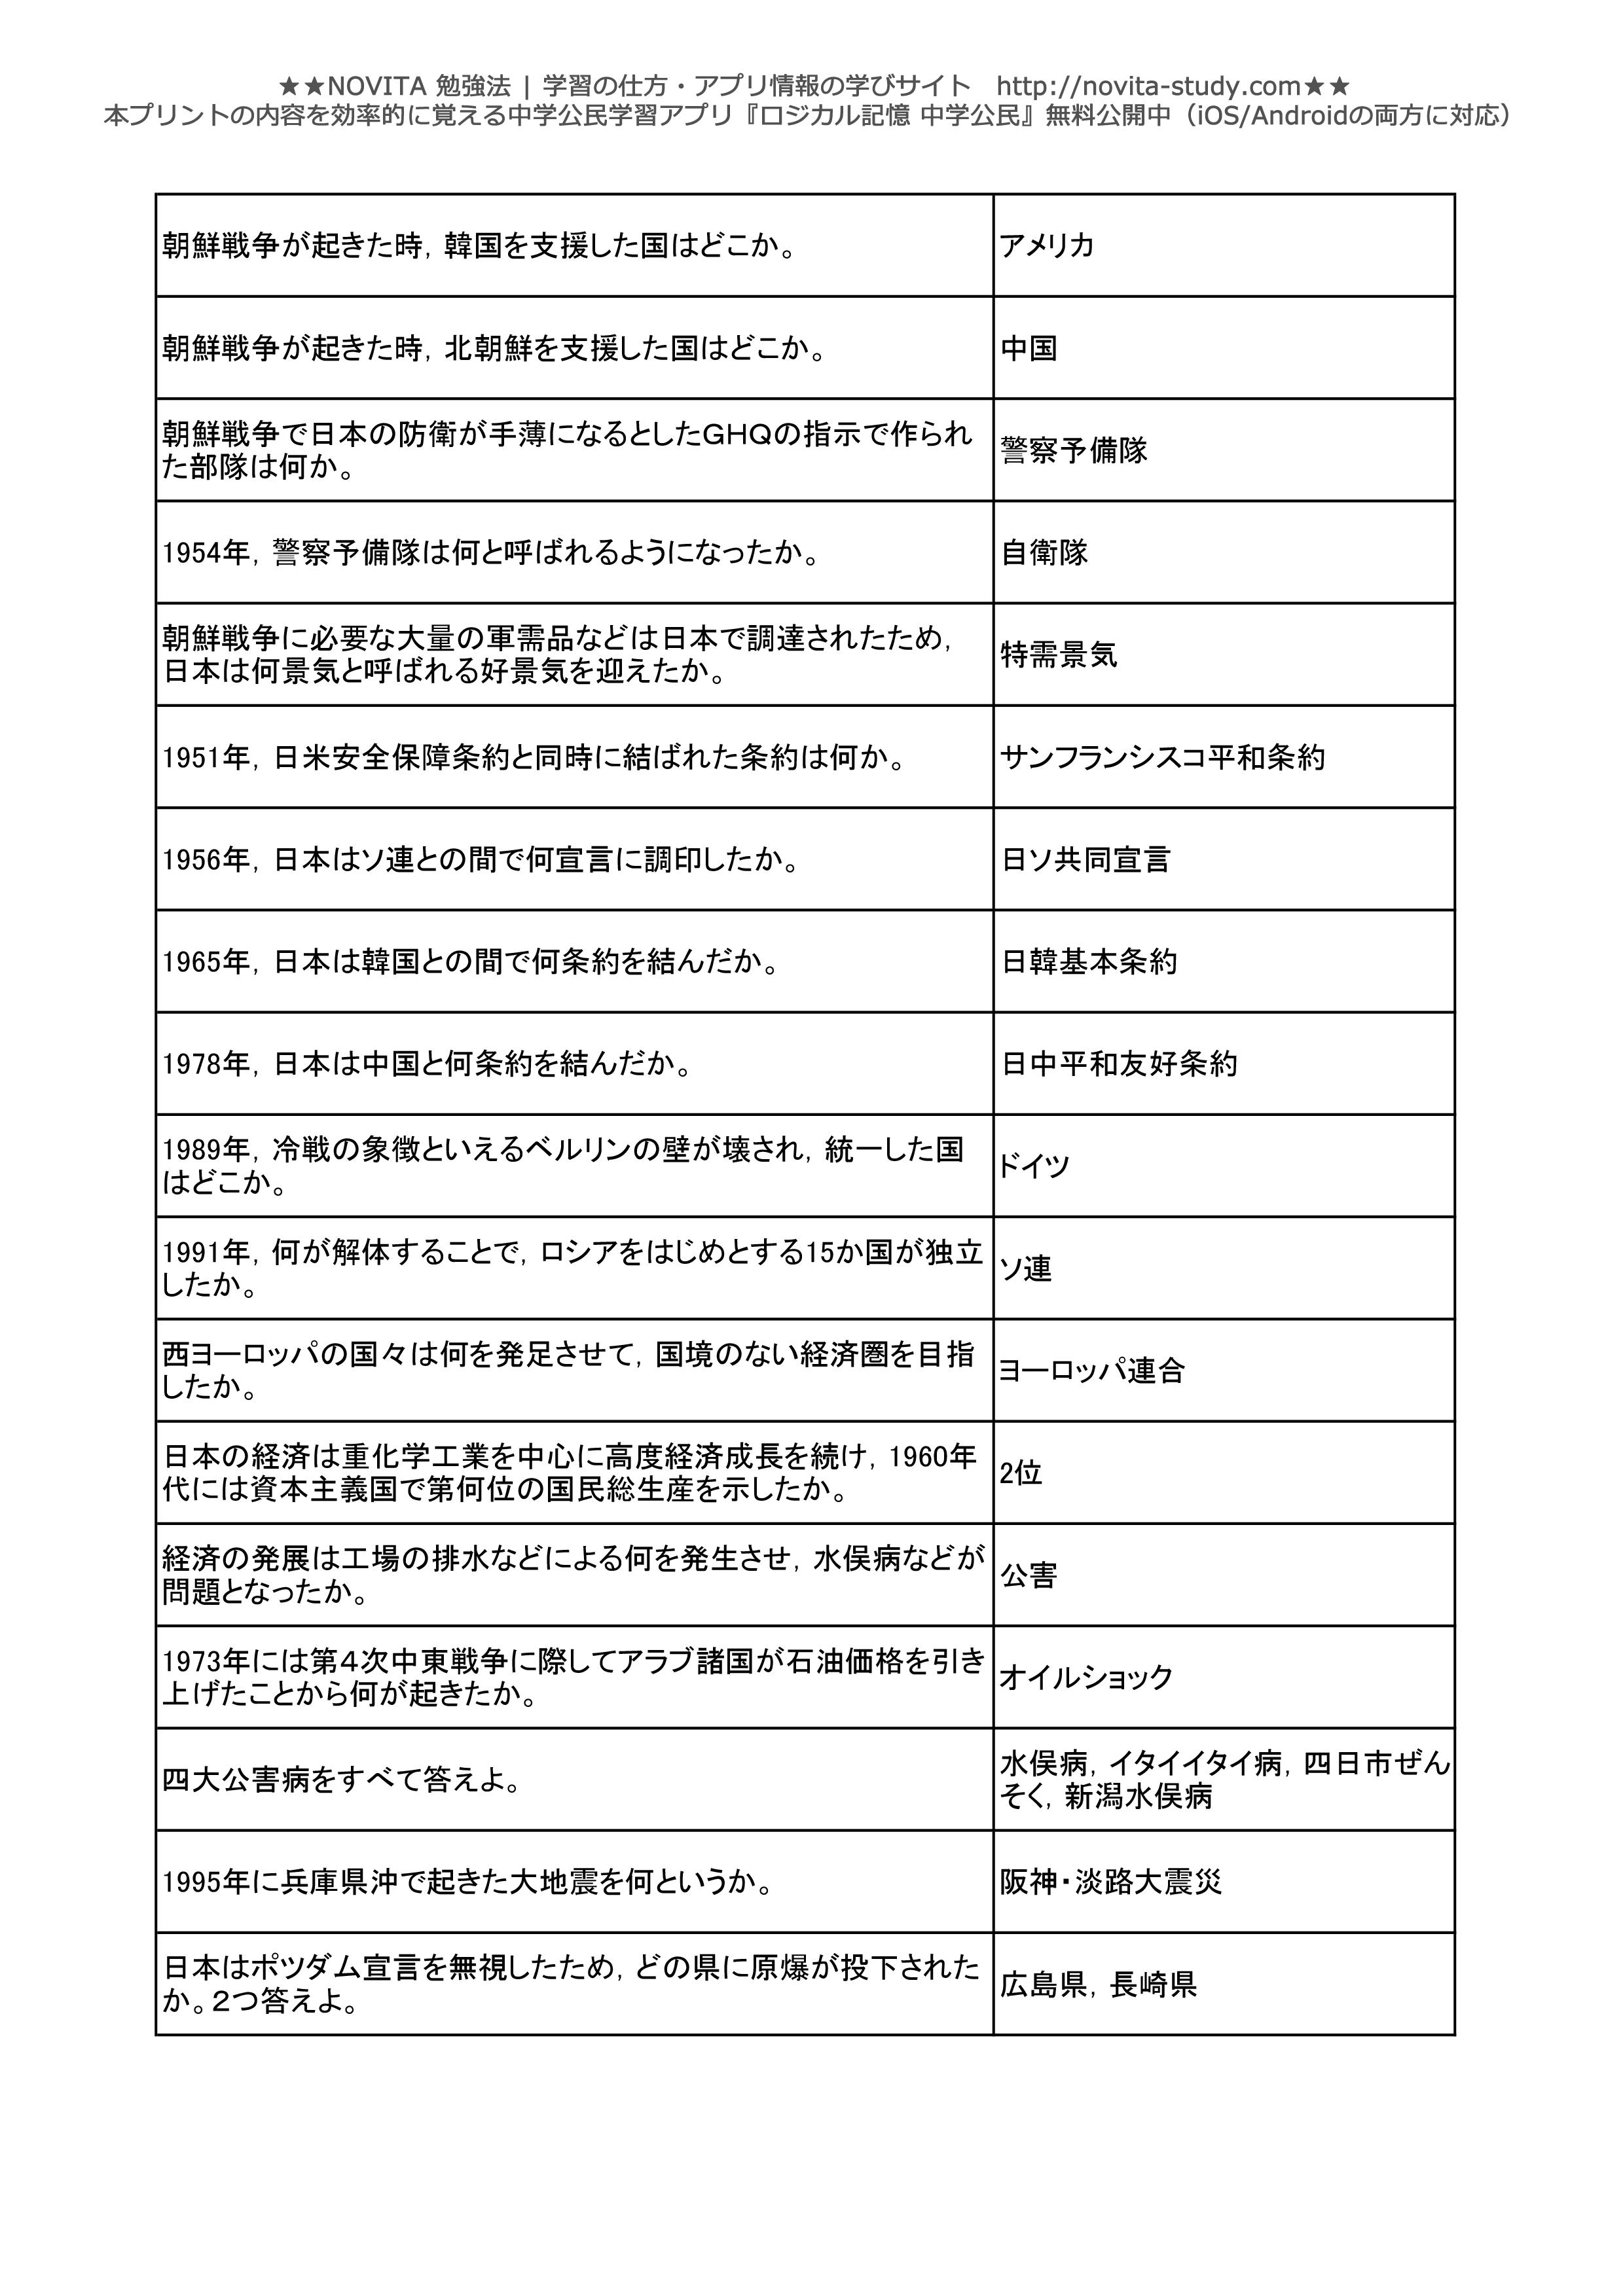 中学公民一問一答無料問題集-024